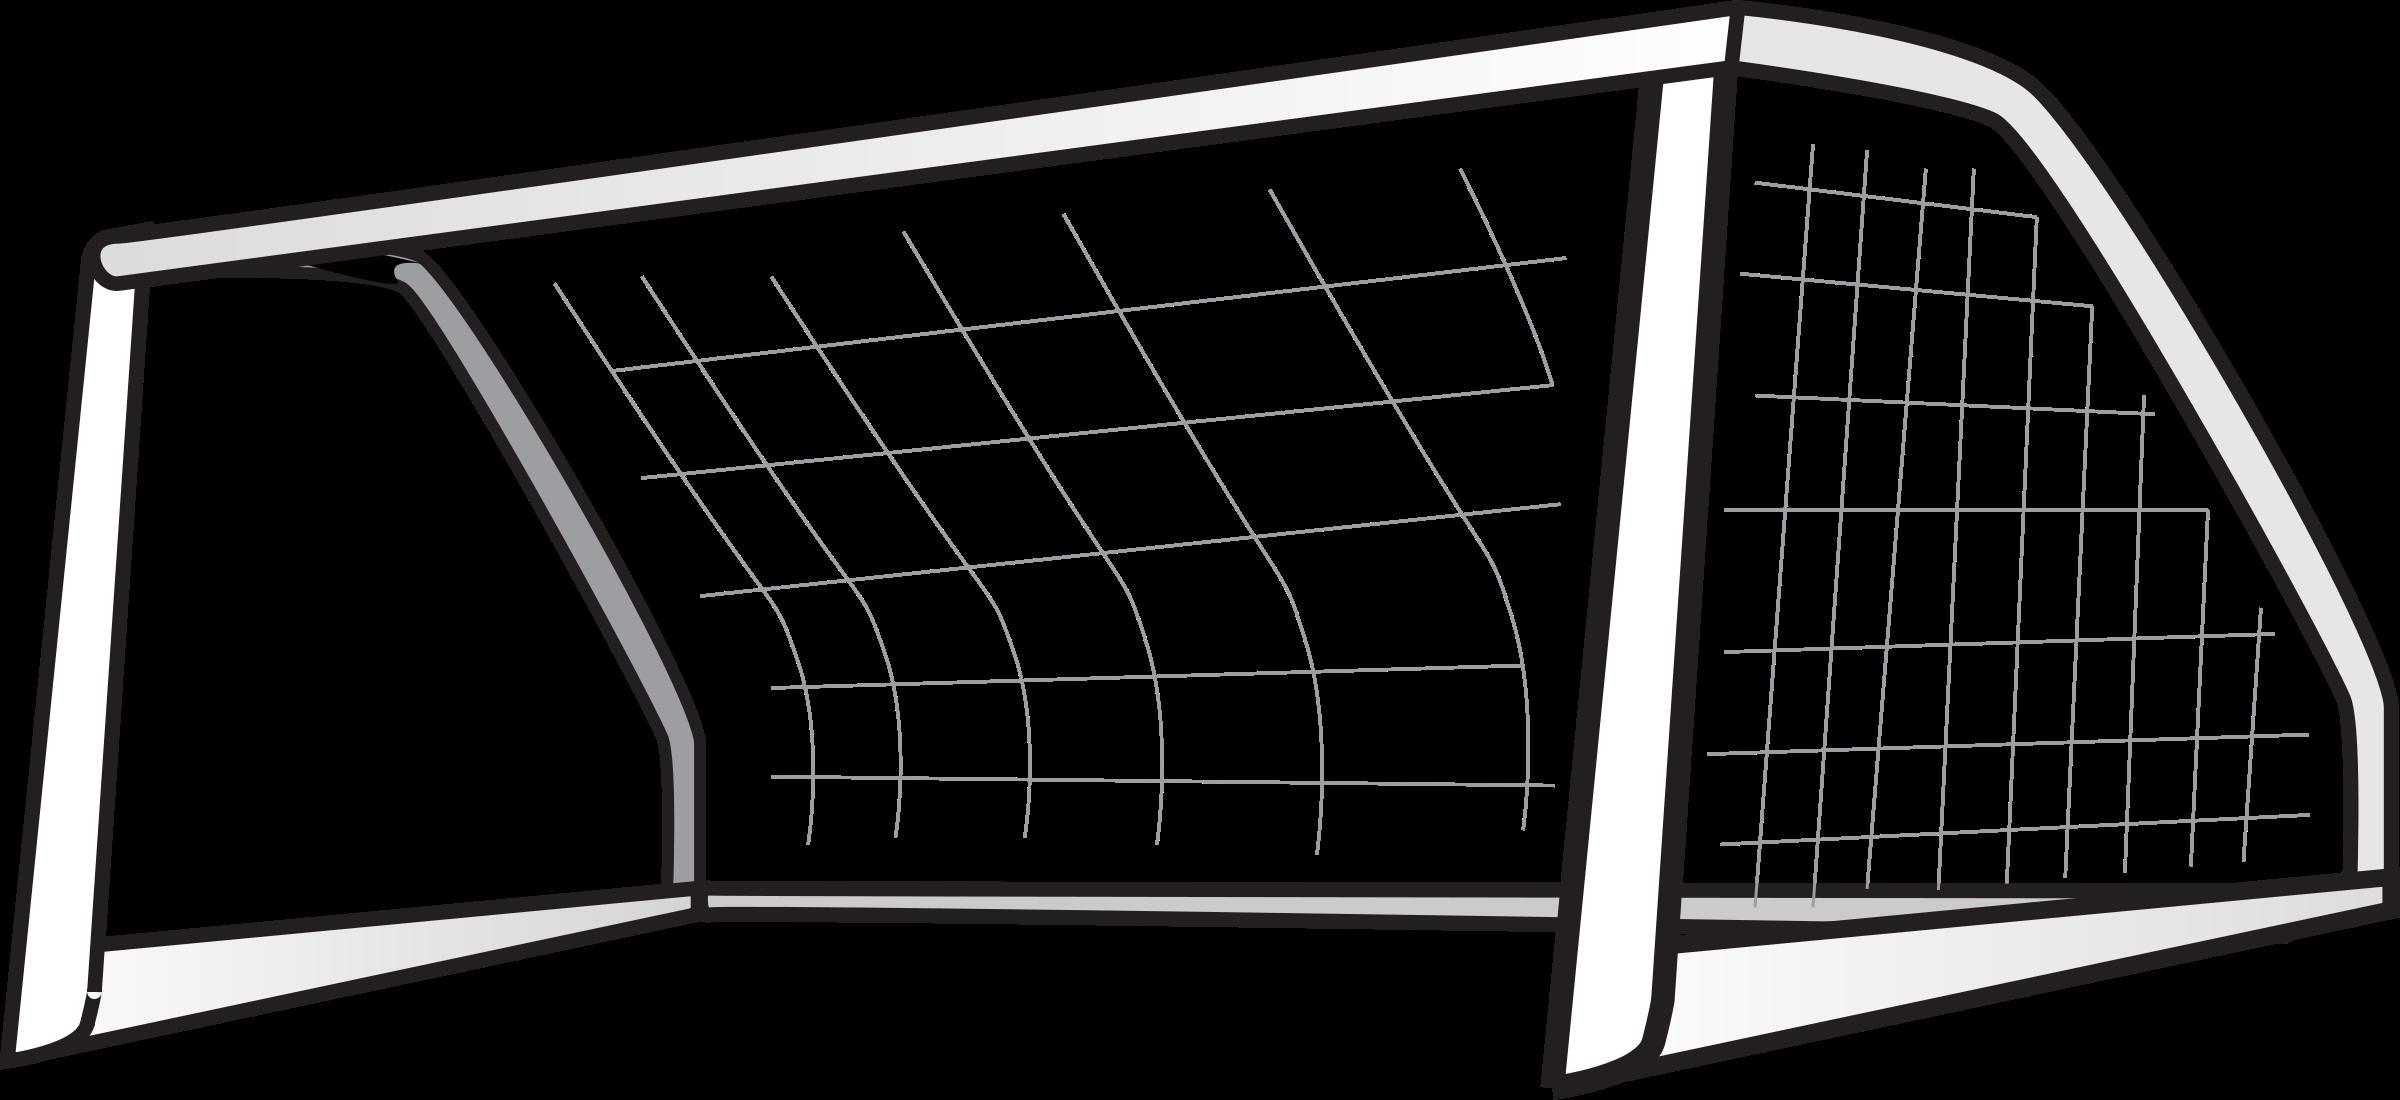 clip art transparent download Free cliparts download clip. Goal clipart cartoon